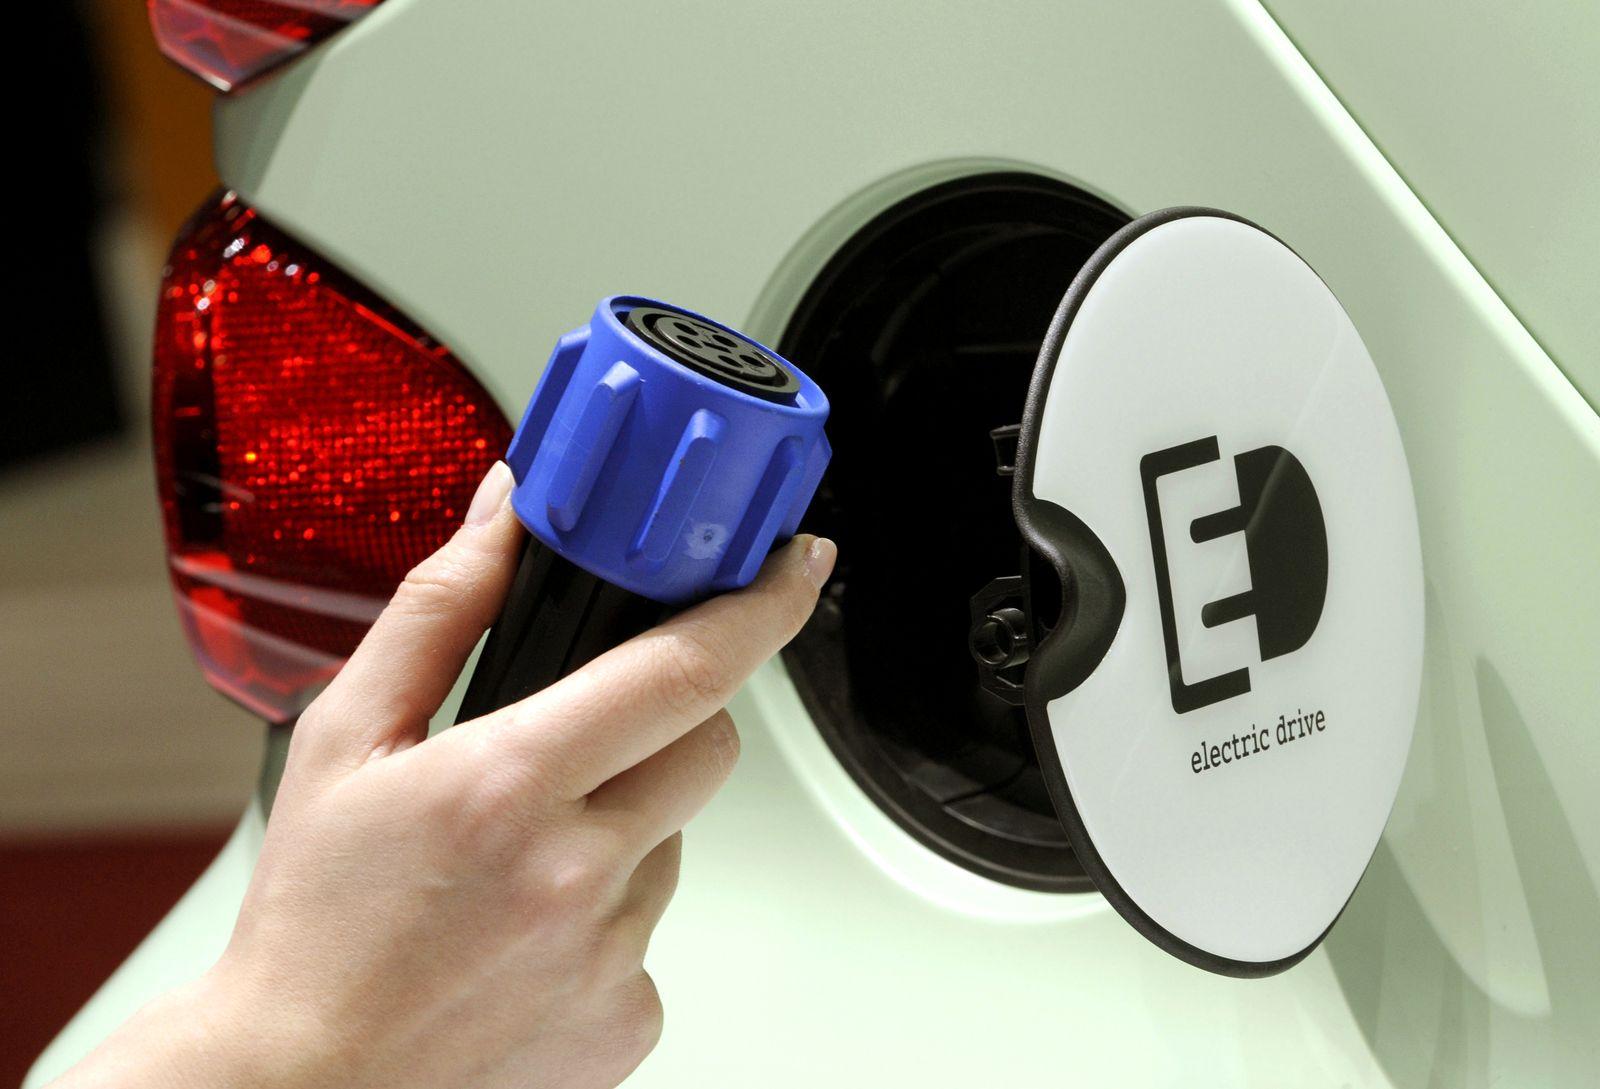 Elektroauto / Elektroautos / E-Auto